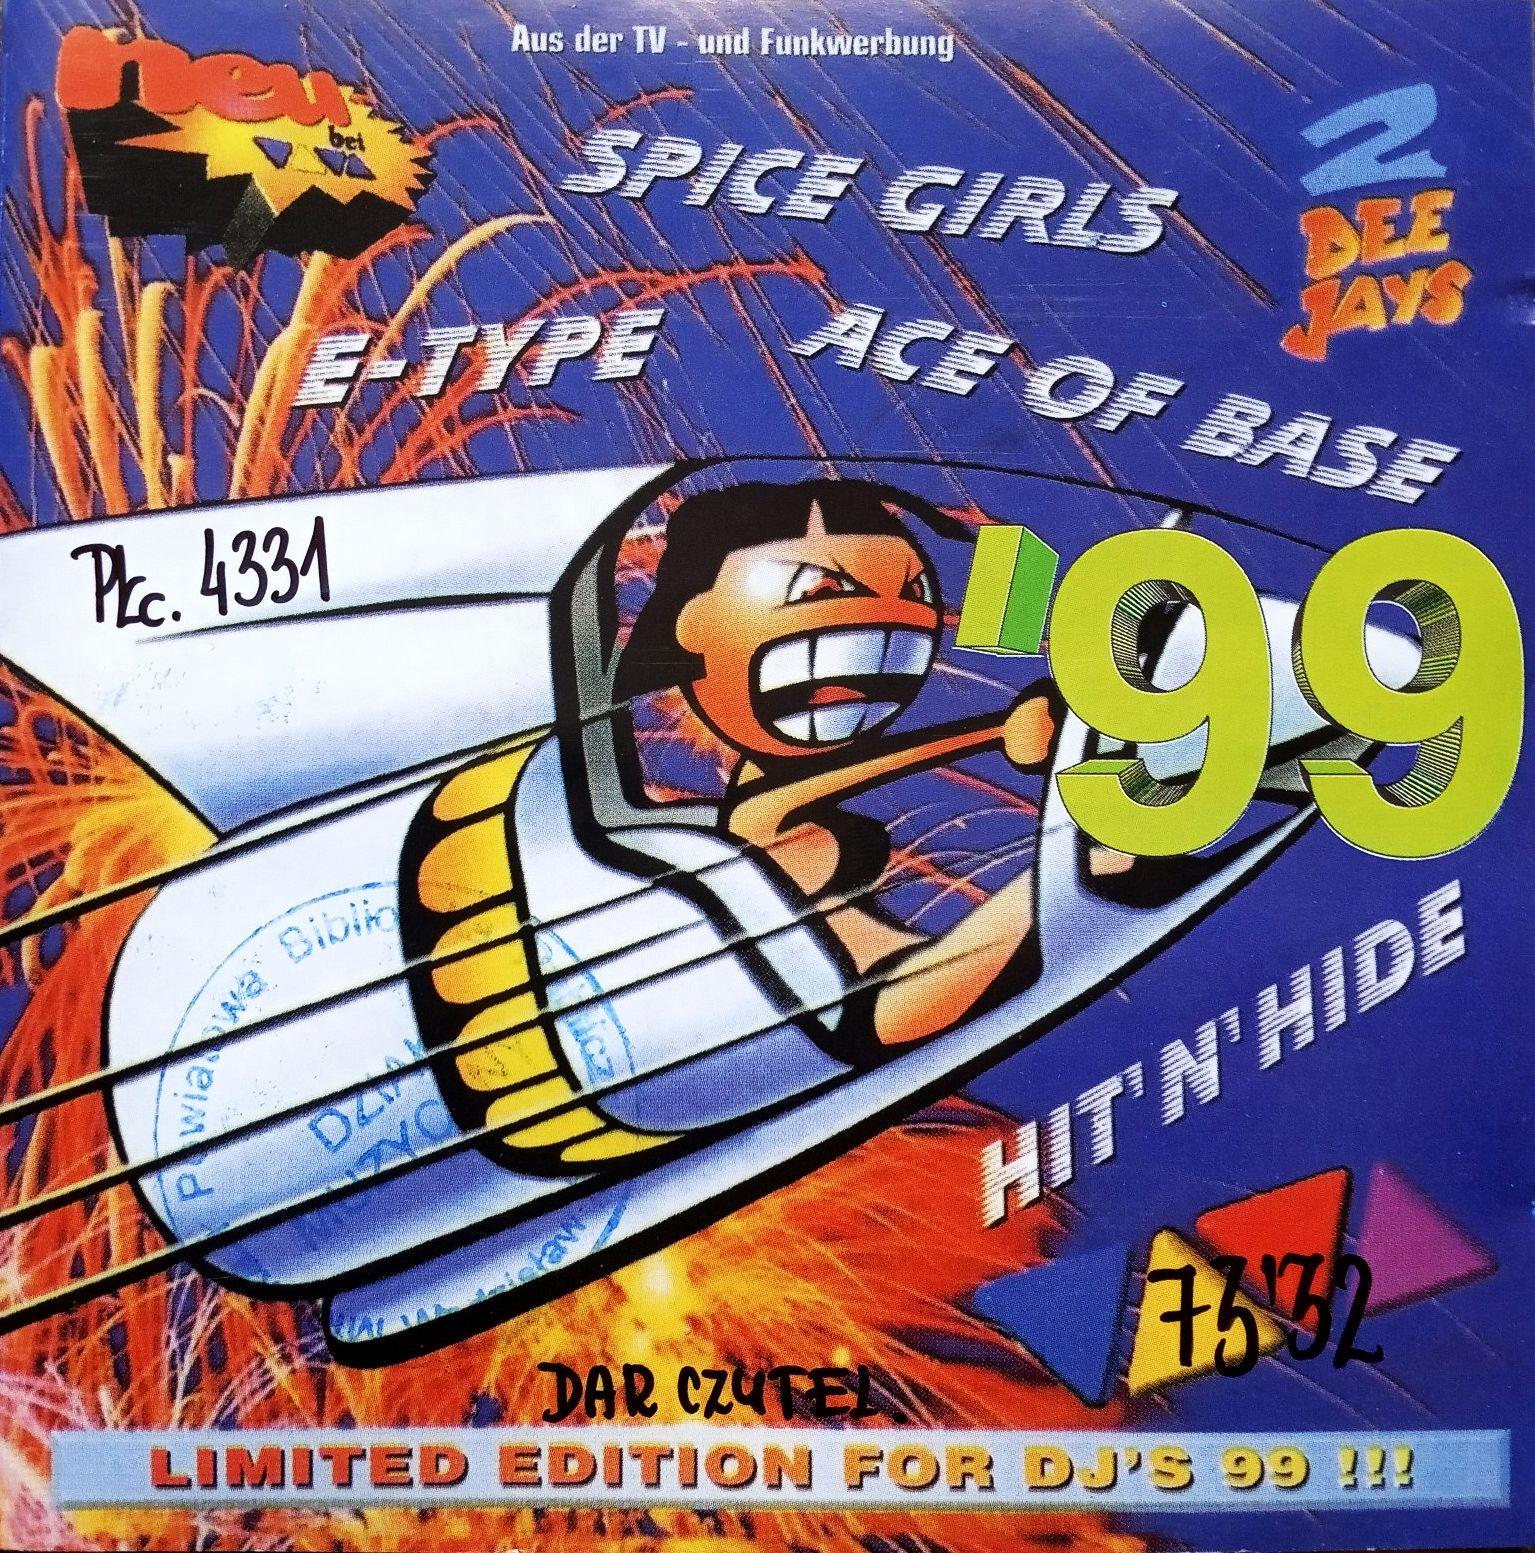 Viva Dee Jays '99